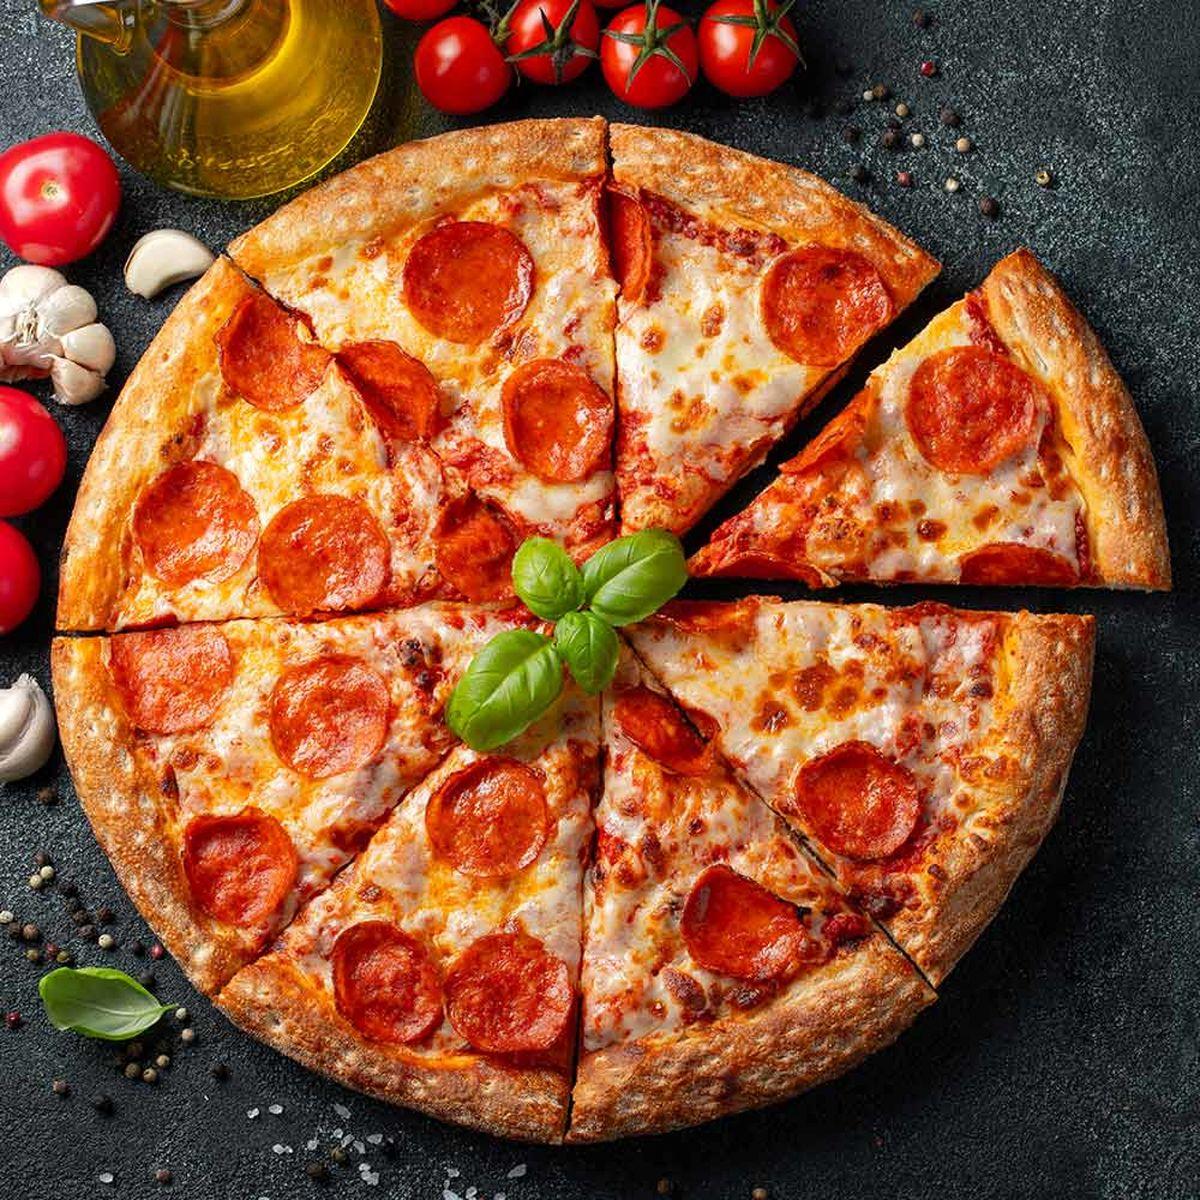 طرز تهیه دو نوع پیتزای فوق العاده بدون نیاز به فر